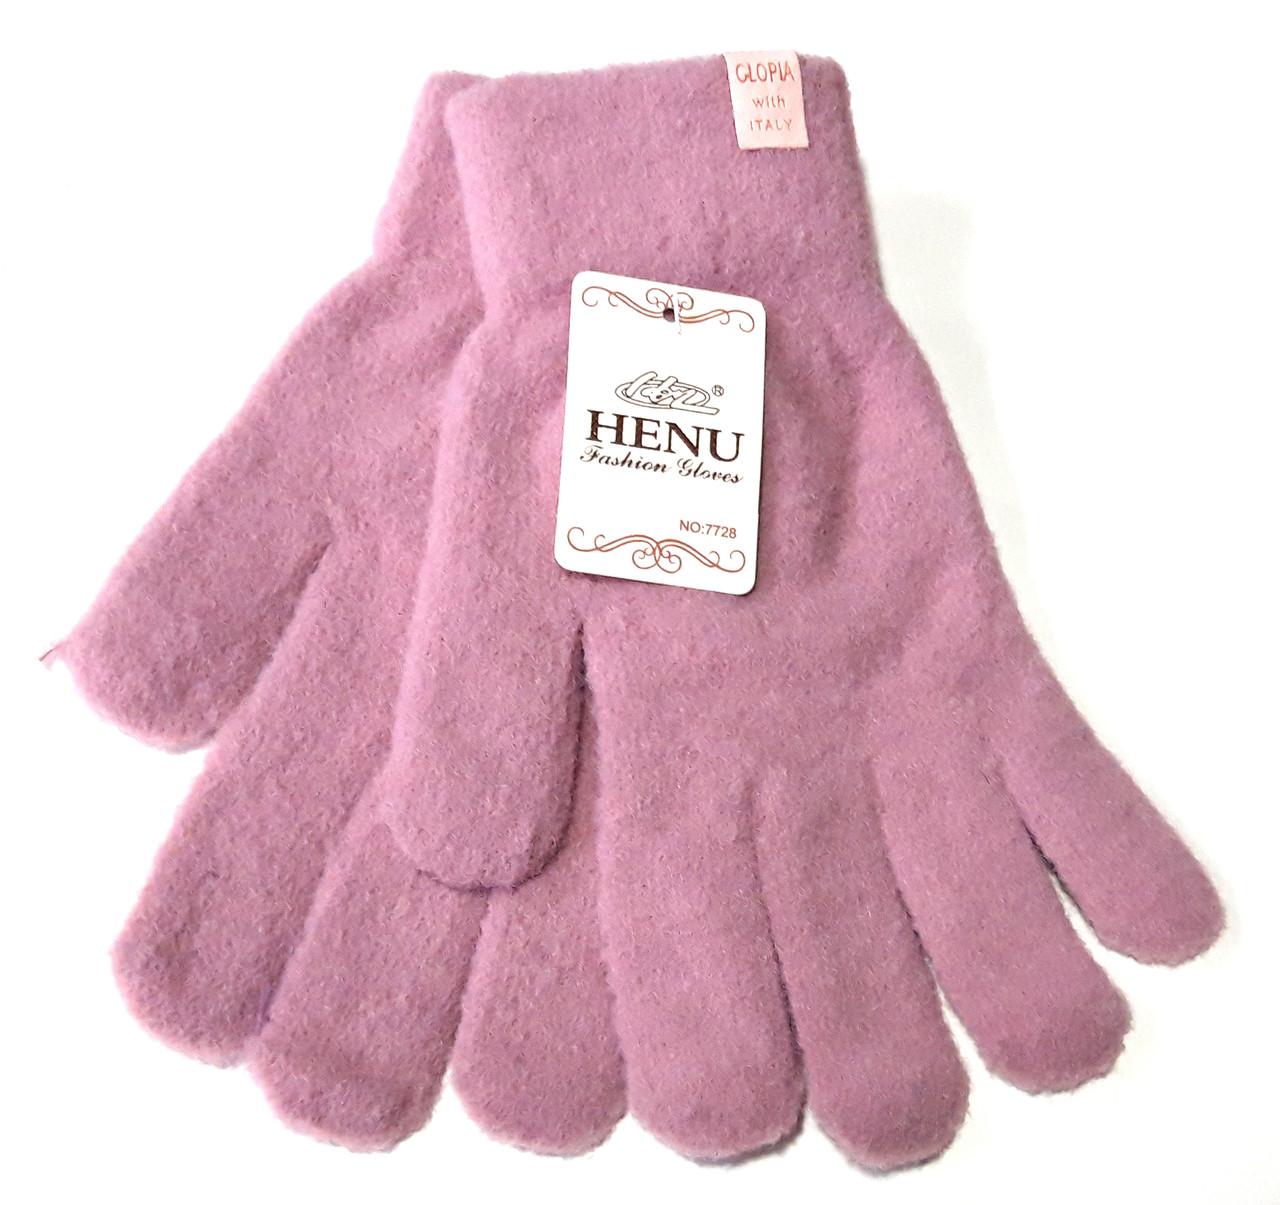 Женские перчатки Fashion пушистые (7-8,5), сиренево-розовые